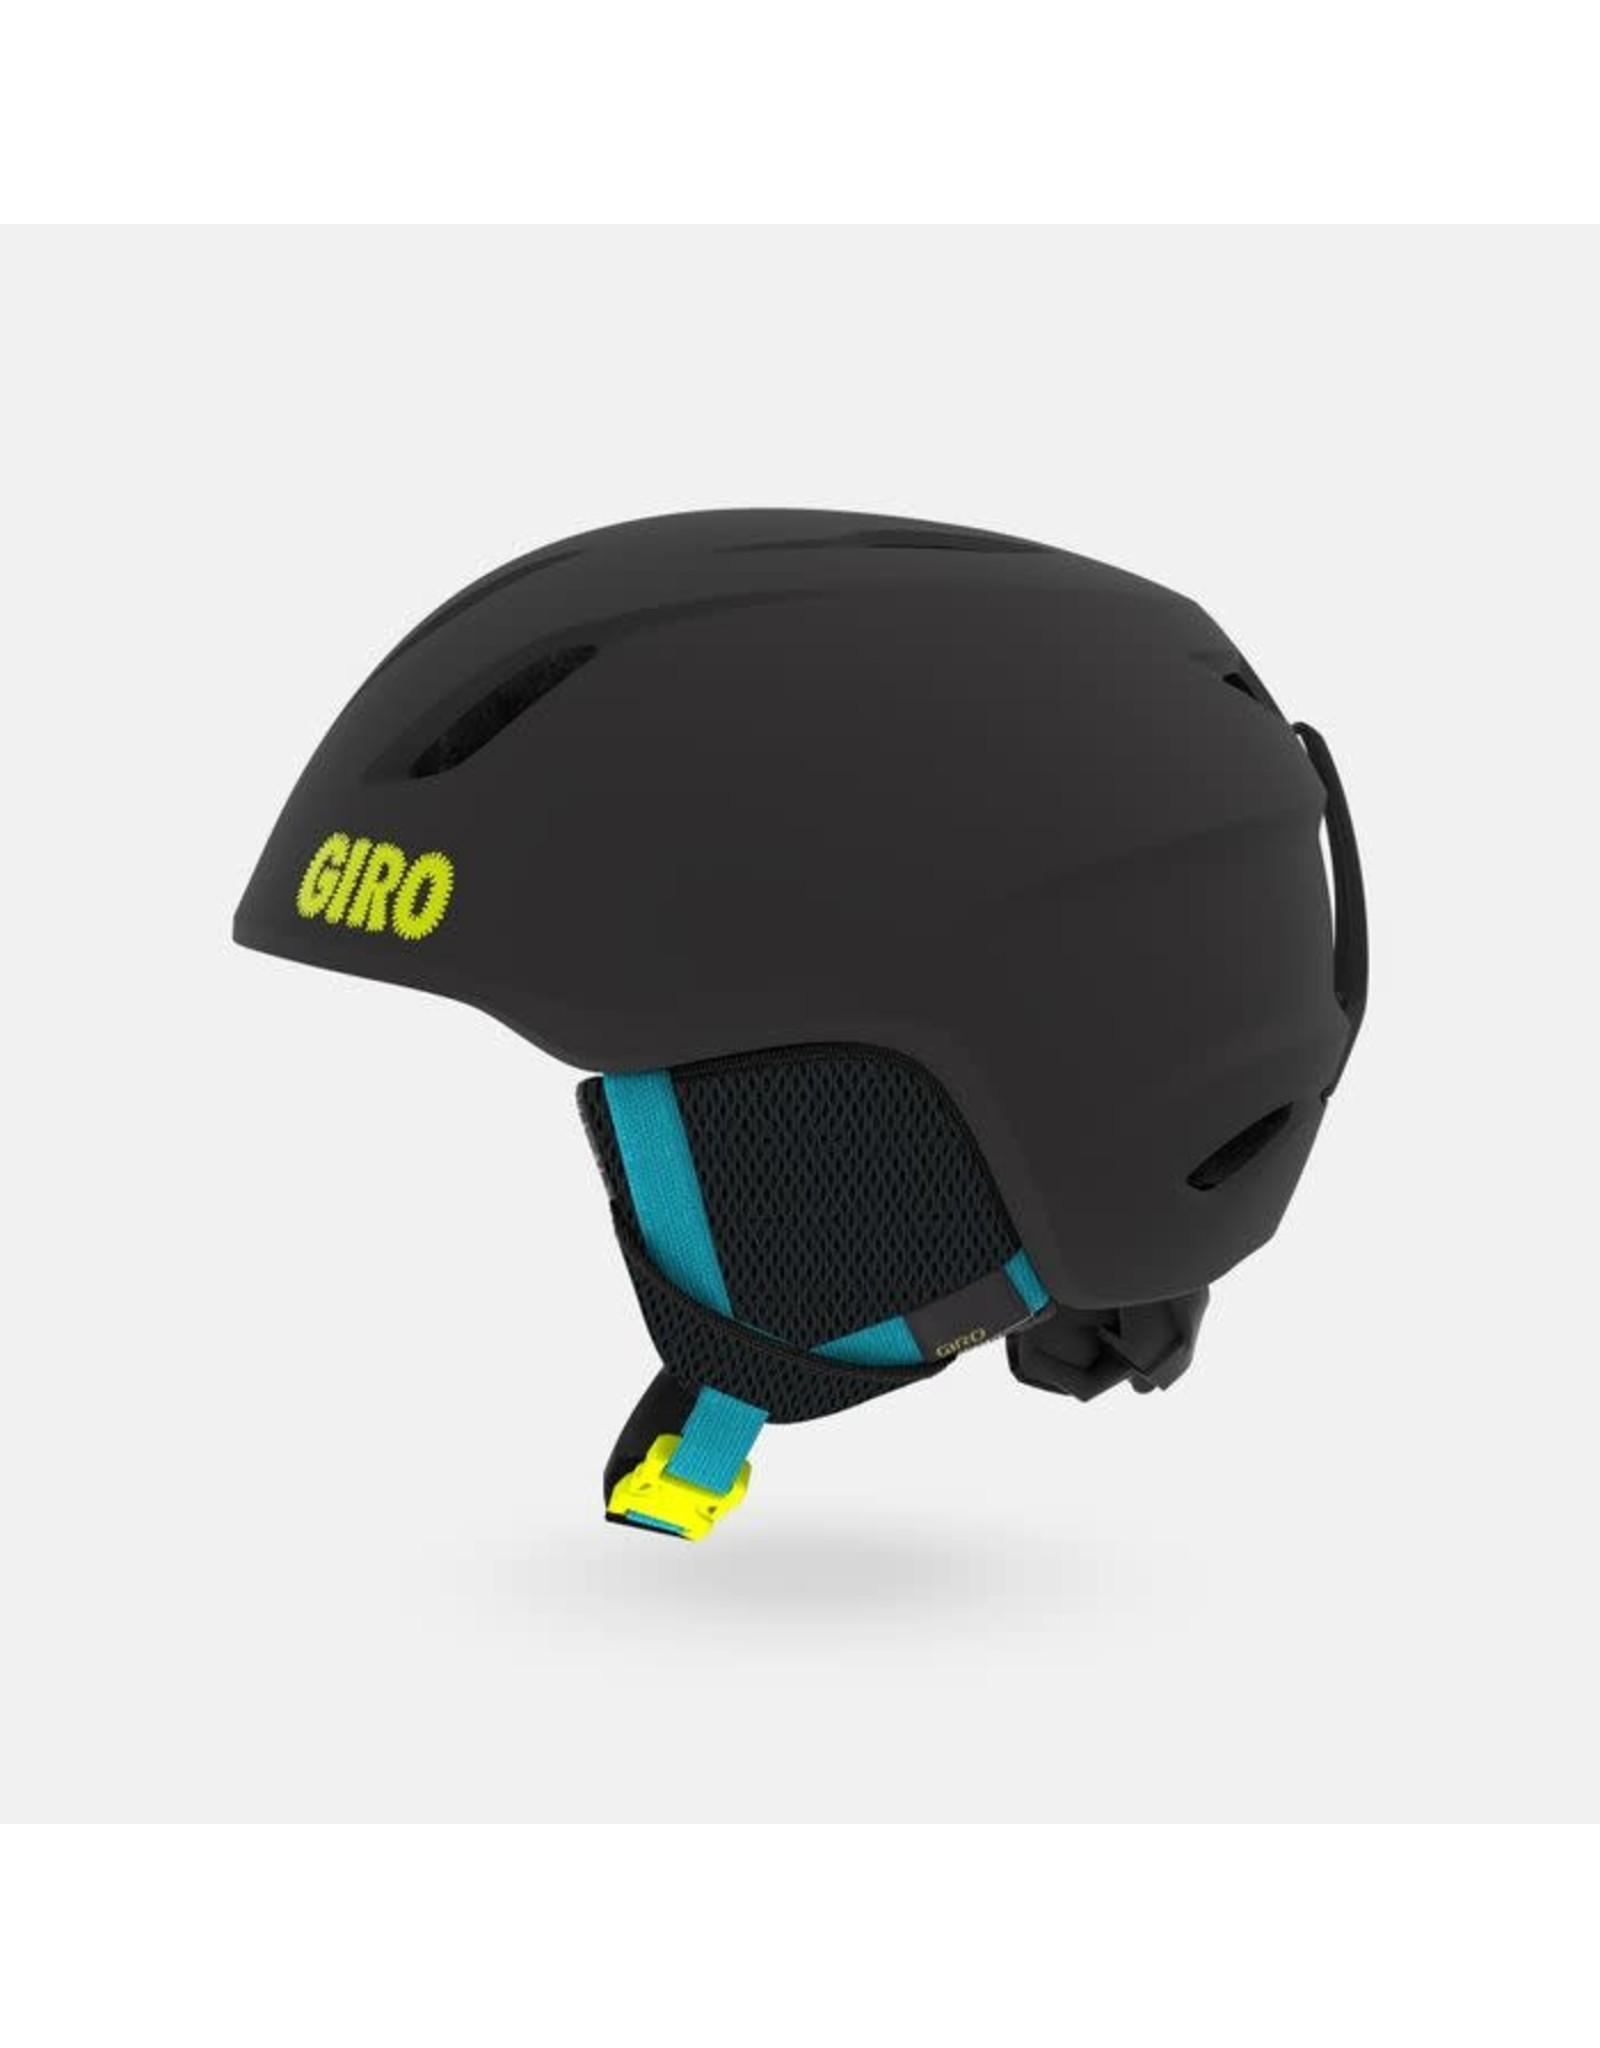 Giro Giro Youth Launch Helmet